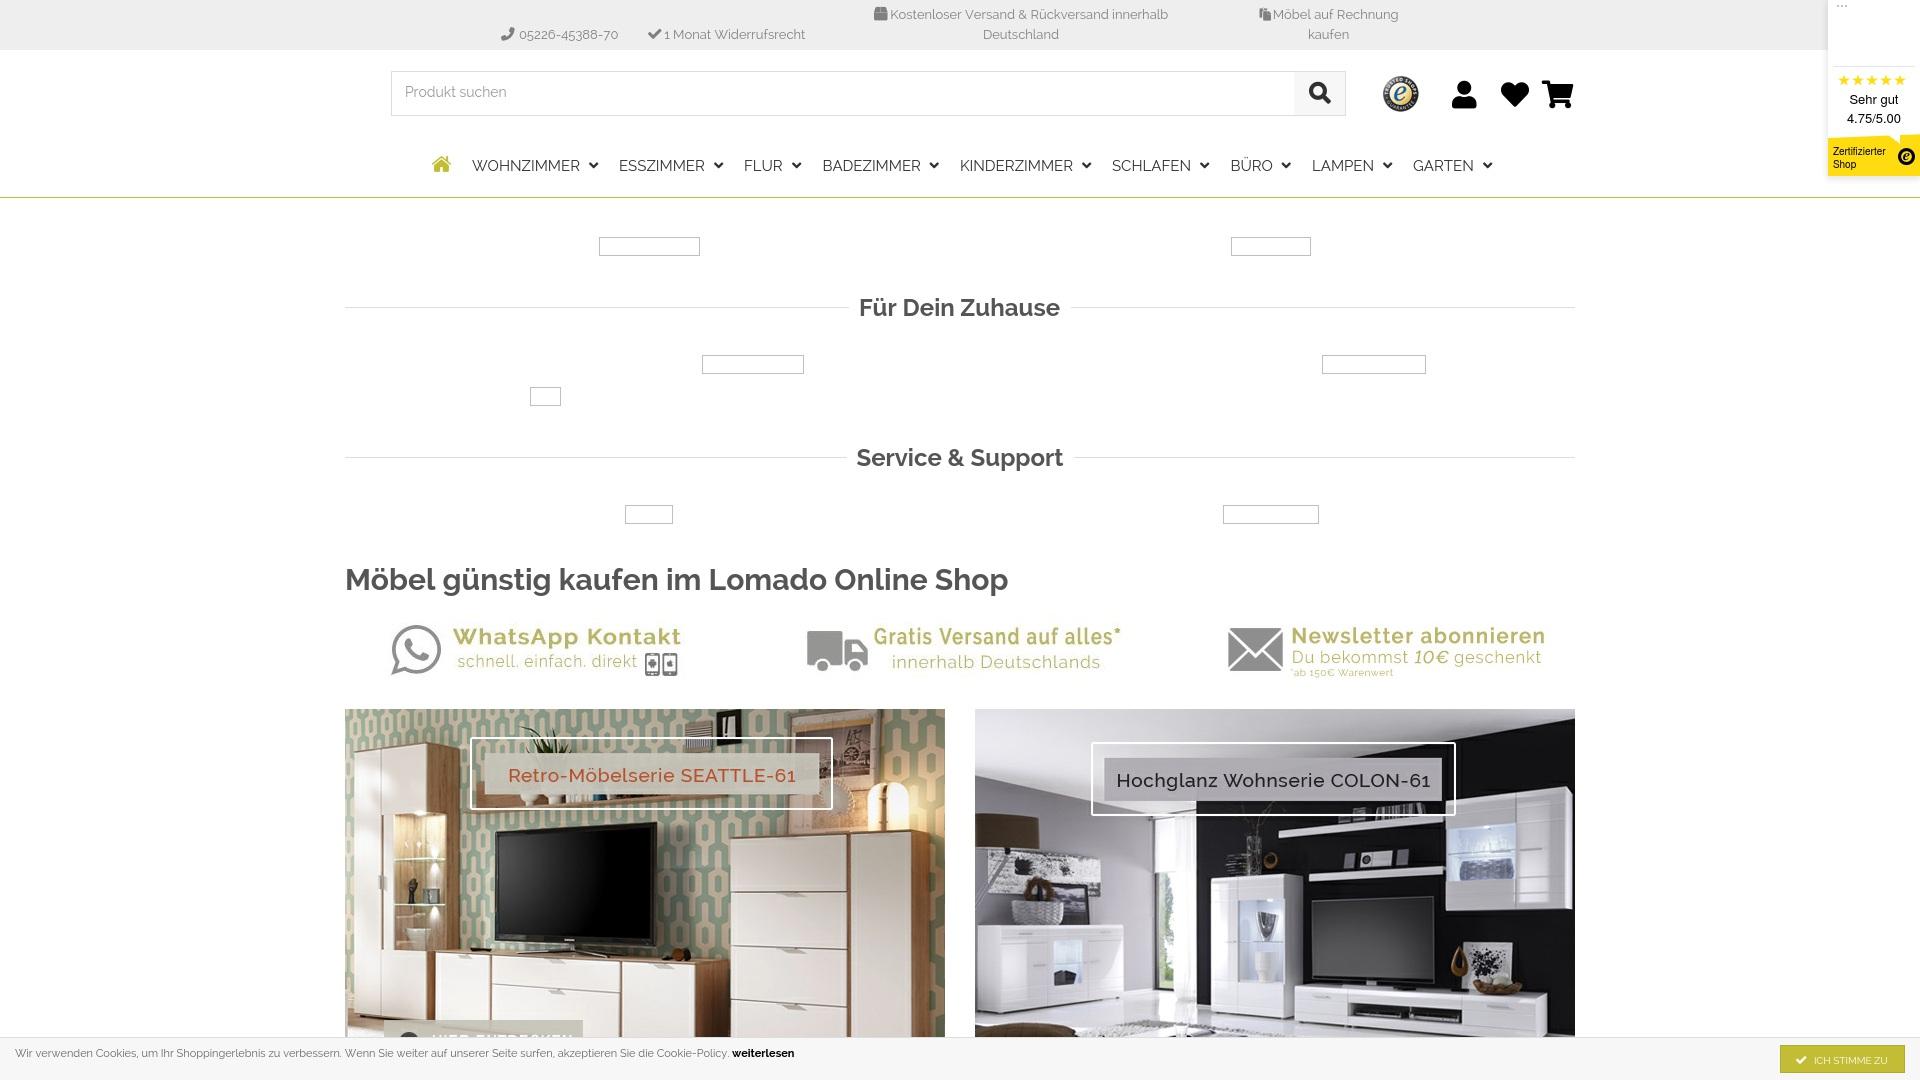 Gutschein für Lomado: Rabatte für  Lomado sichern